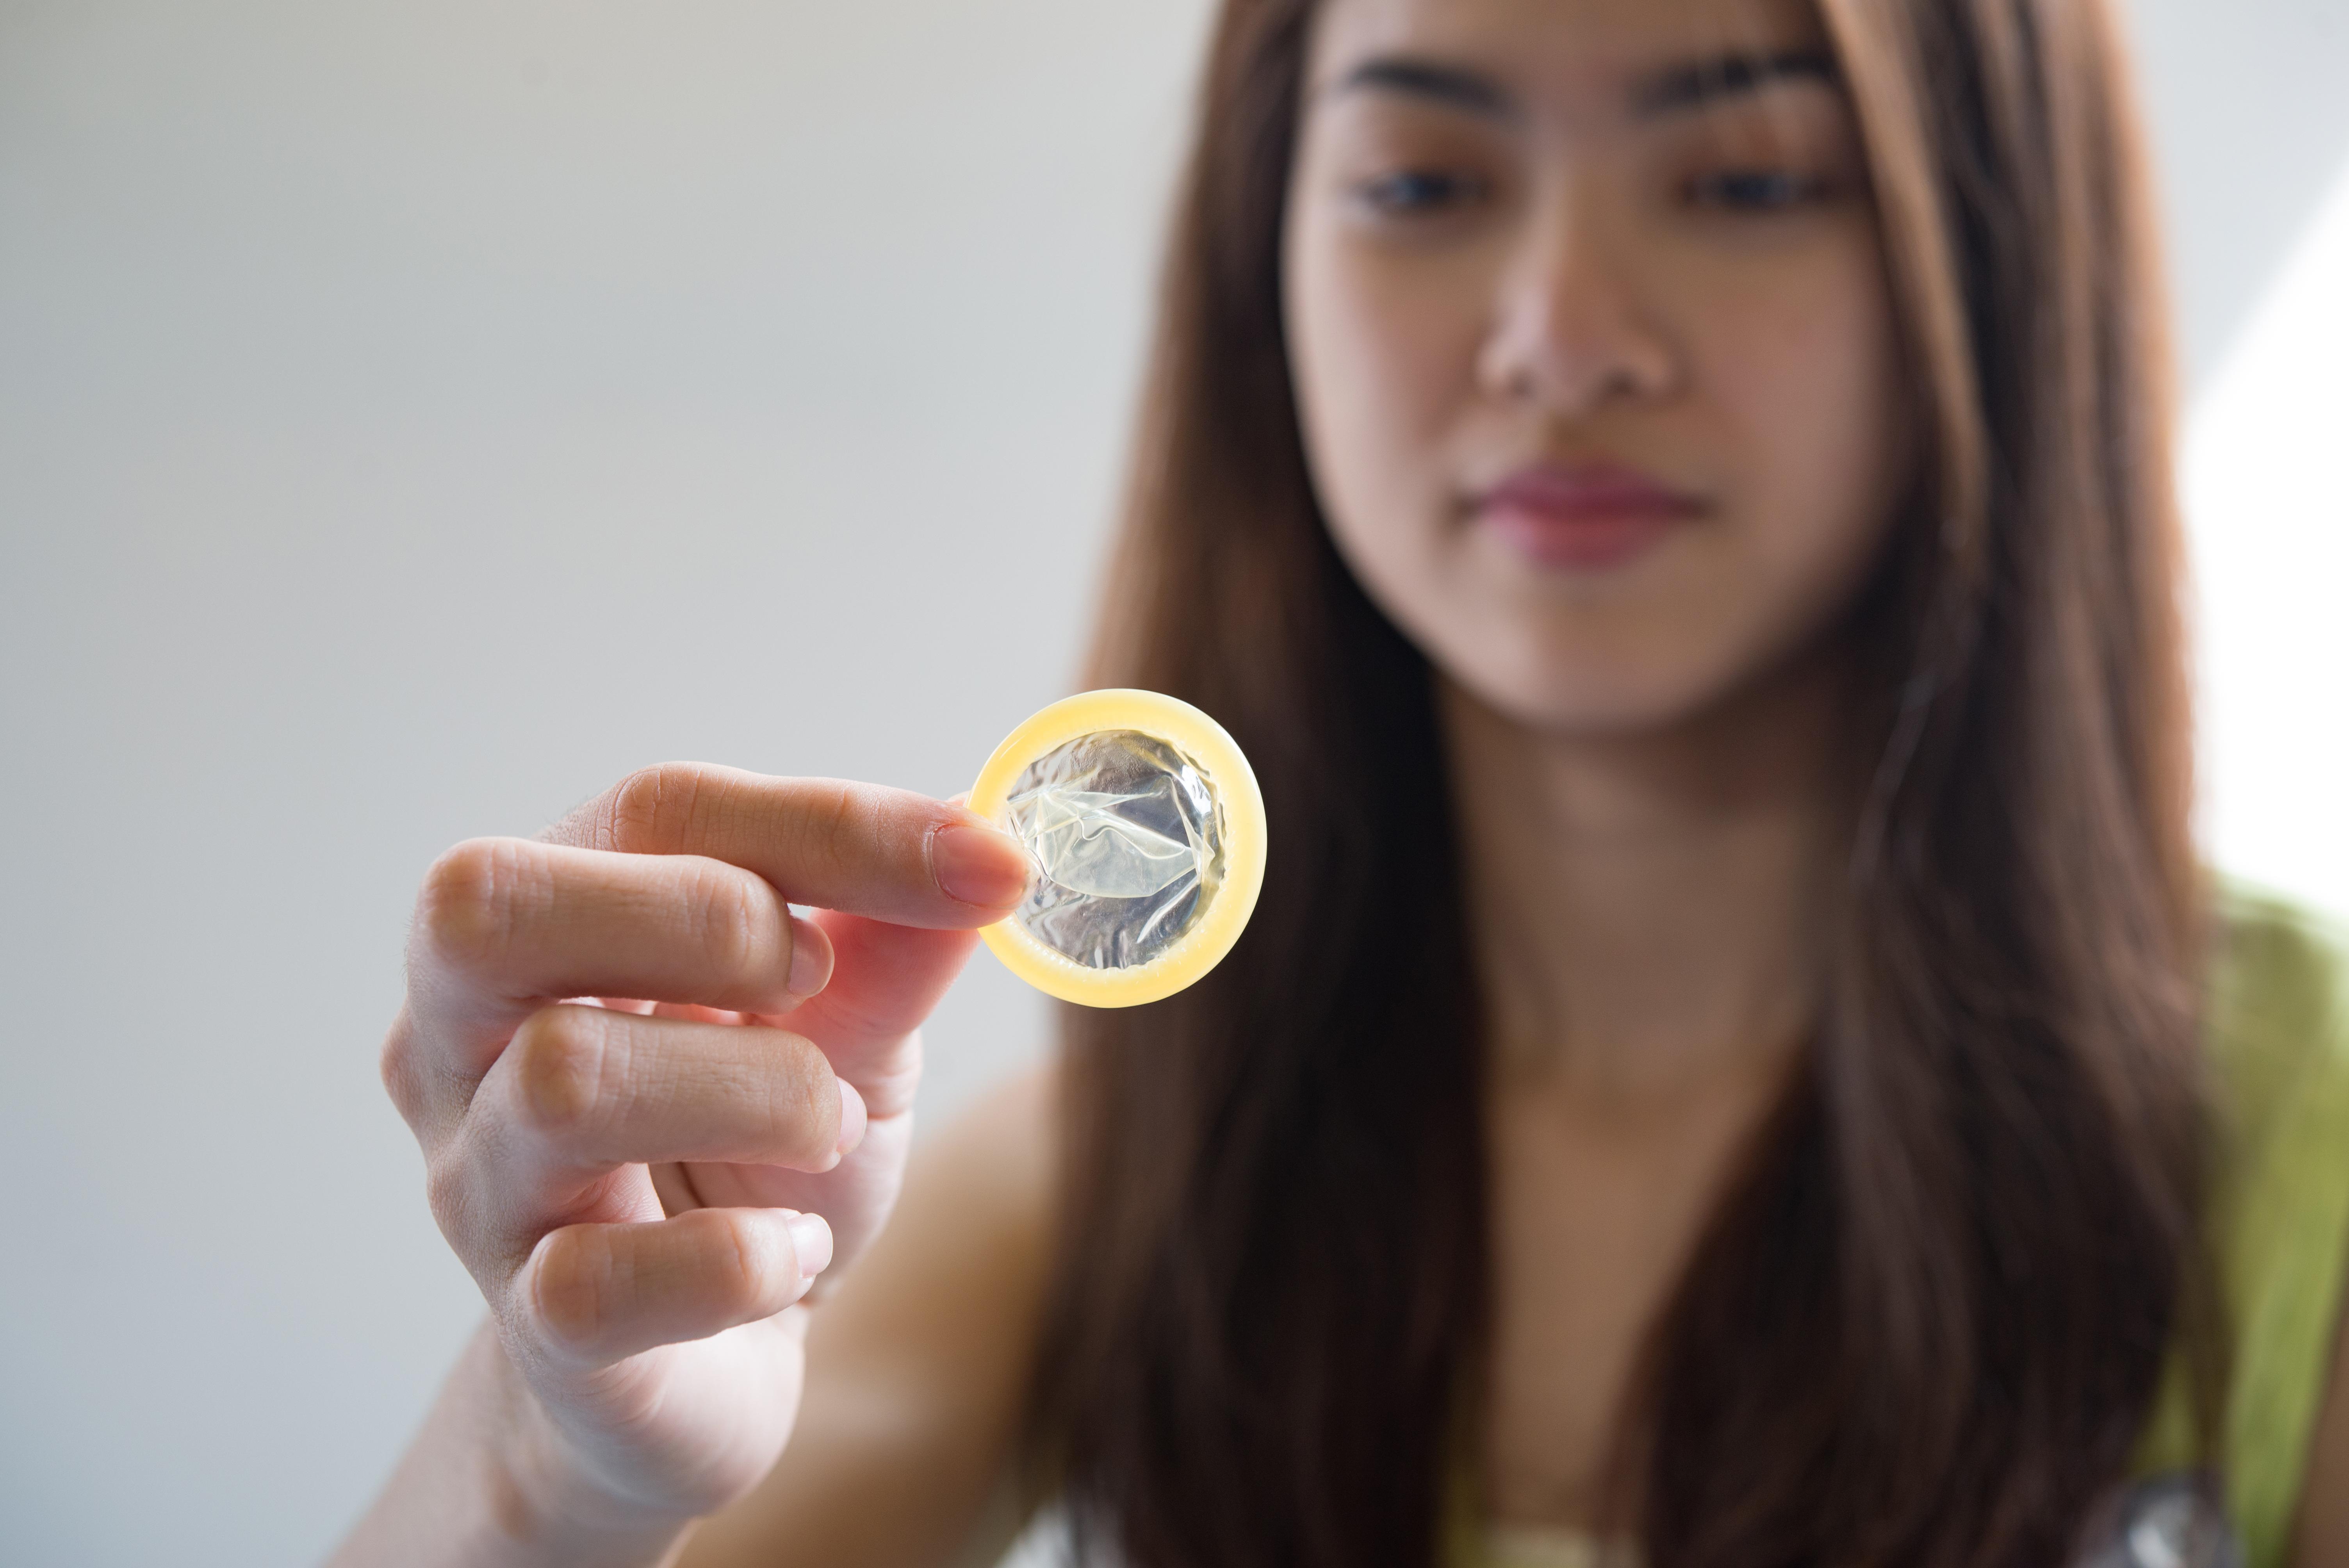 I dagsläget är det bara kondom vid samlag som skyddar mot klamydia, men en ny studie har visat på lovande resultat för ett klamydiavaccin.